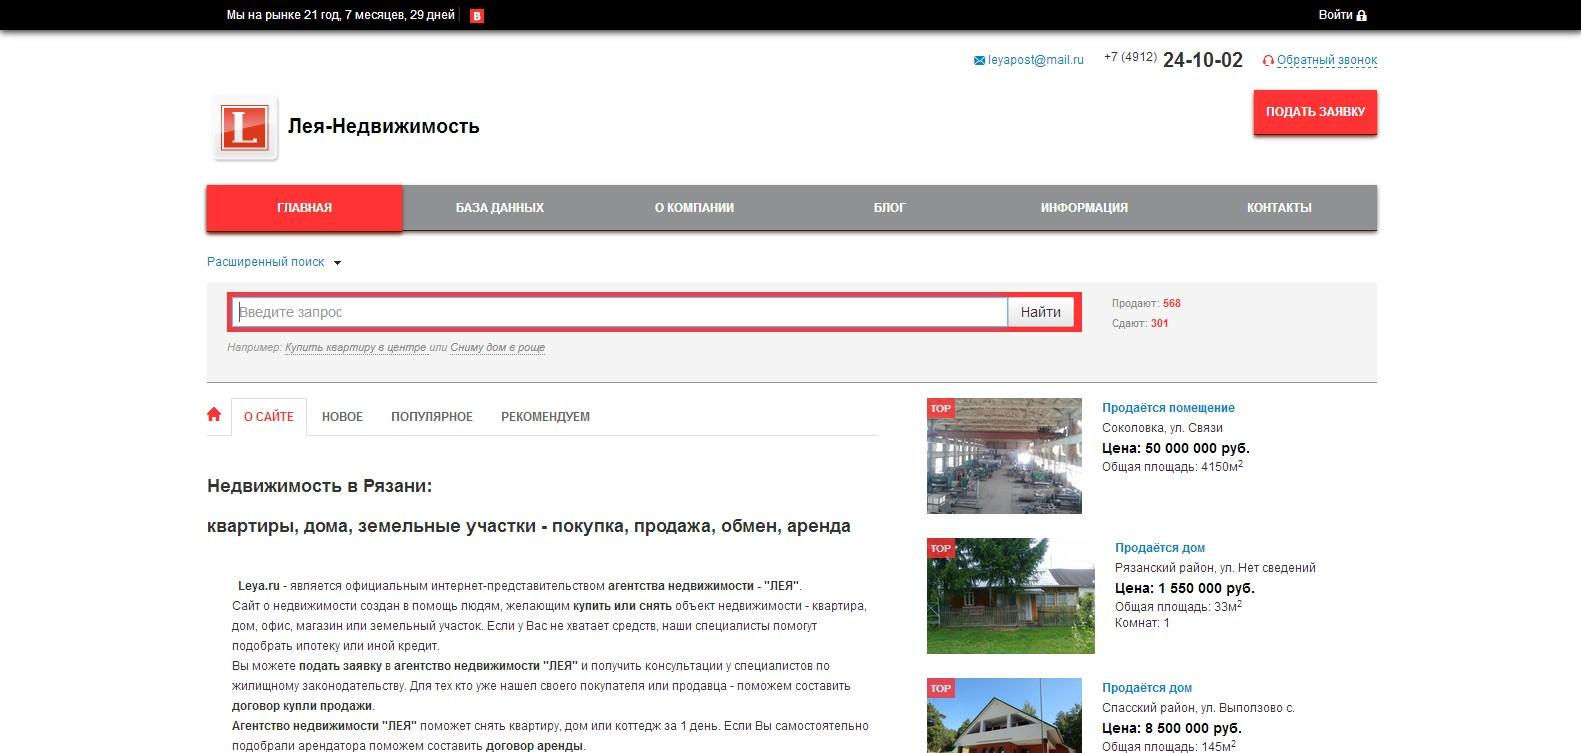 Портал агентства недвижимости leya.ru